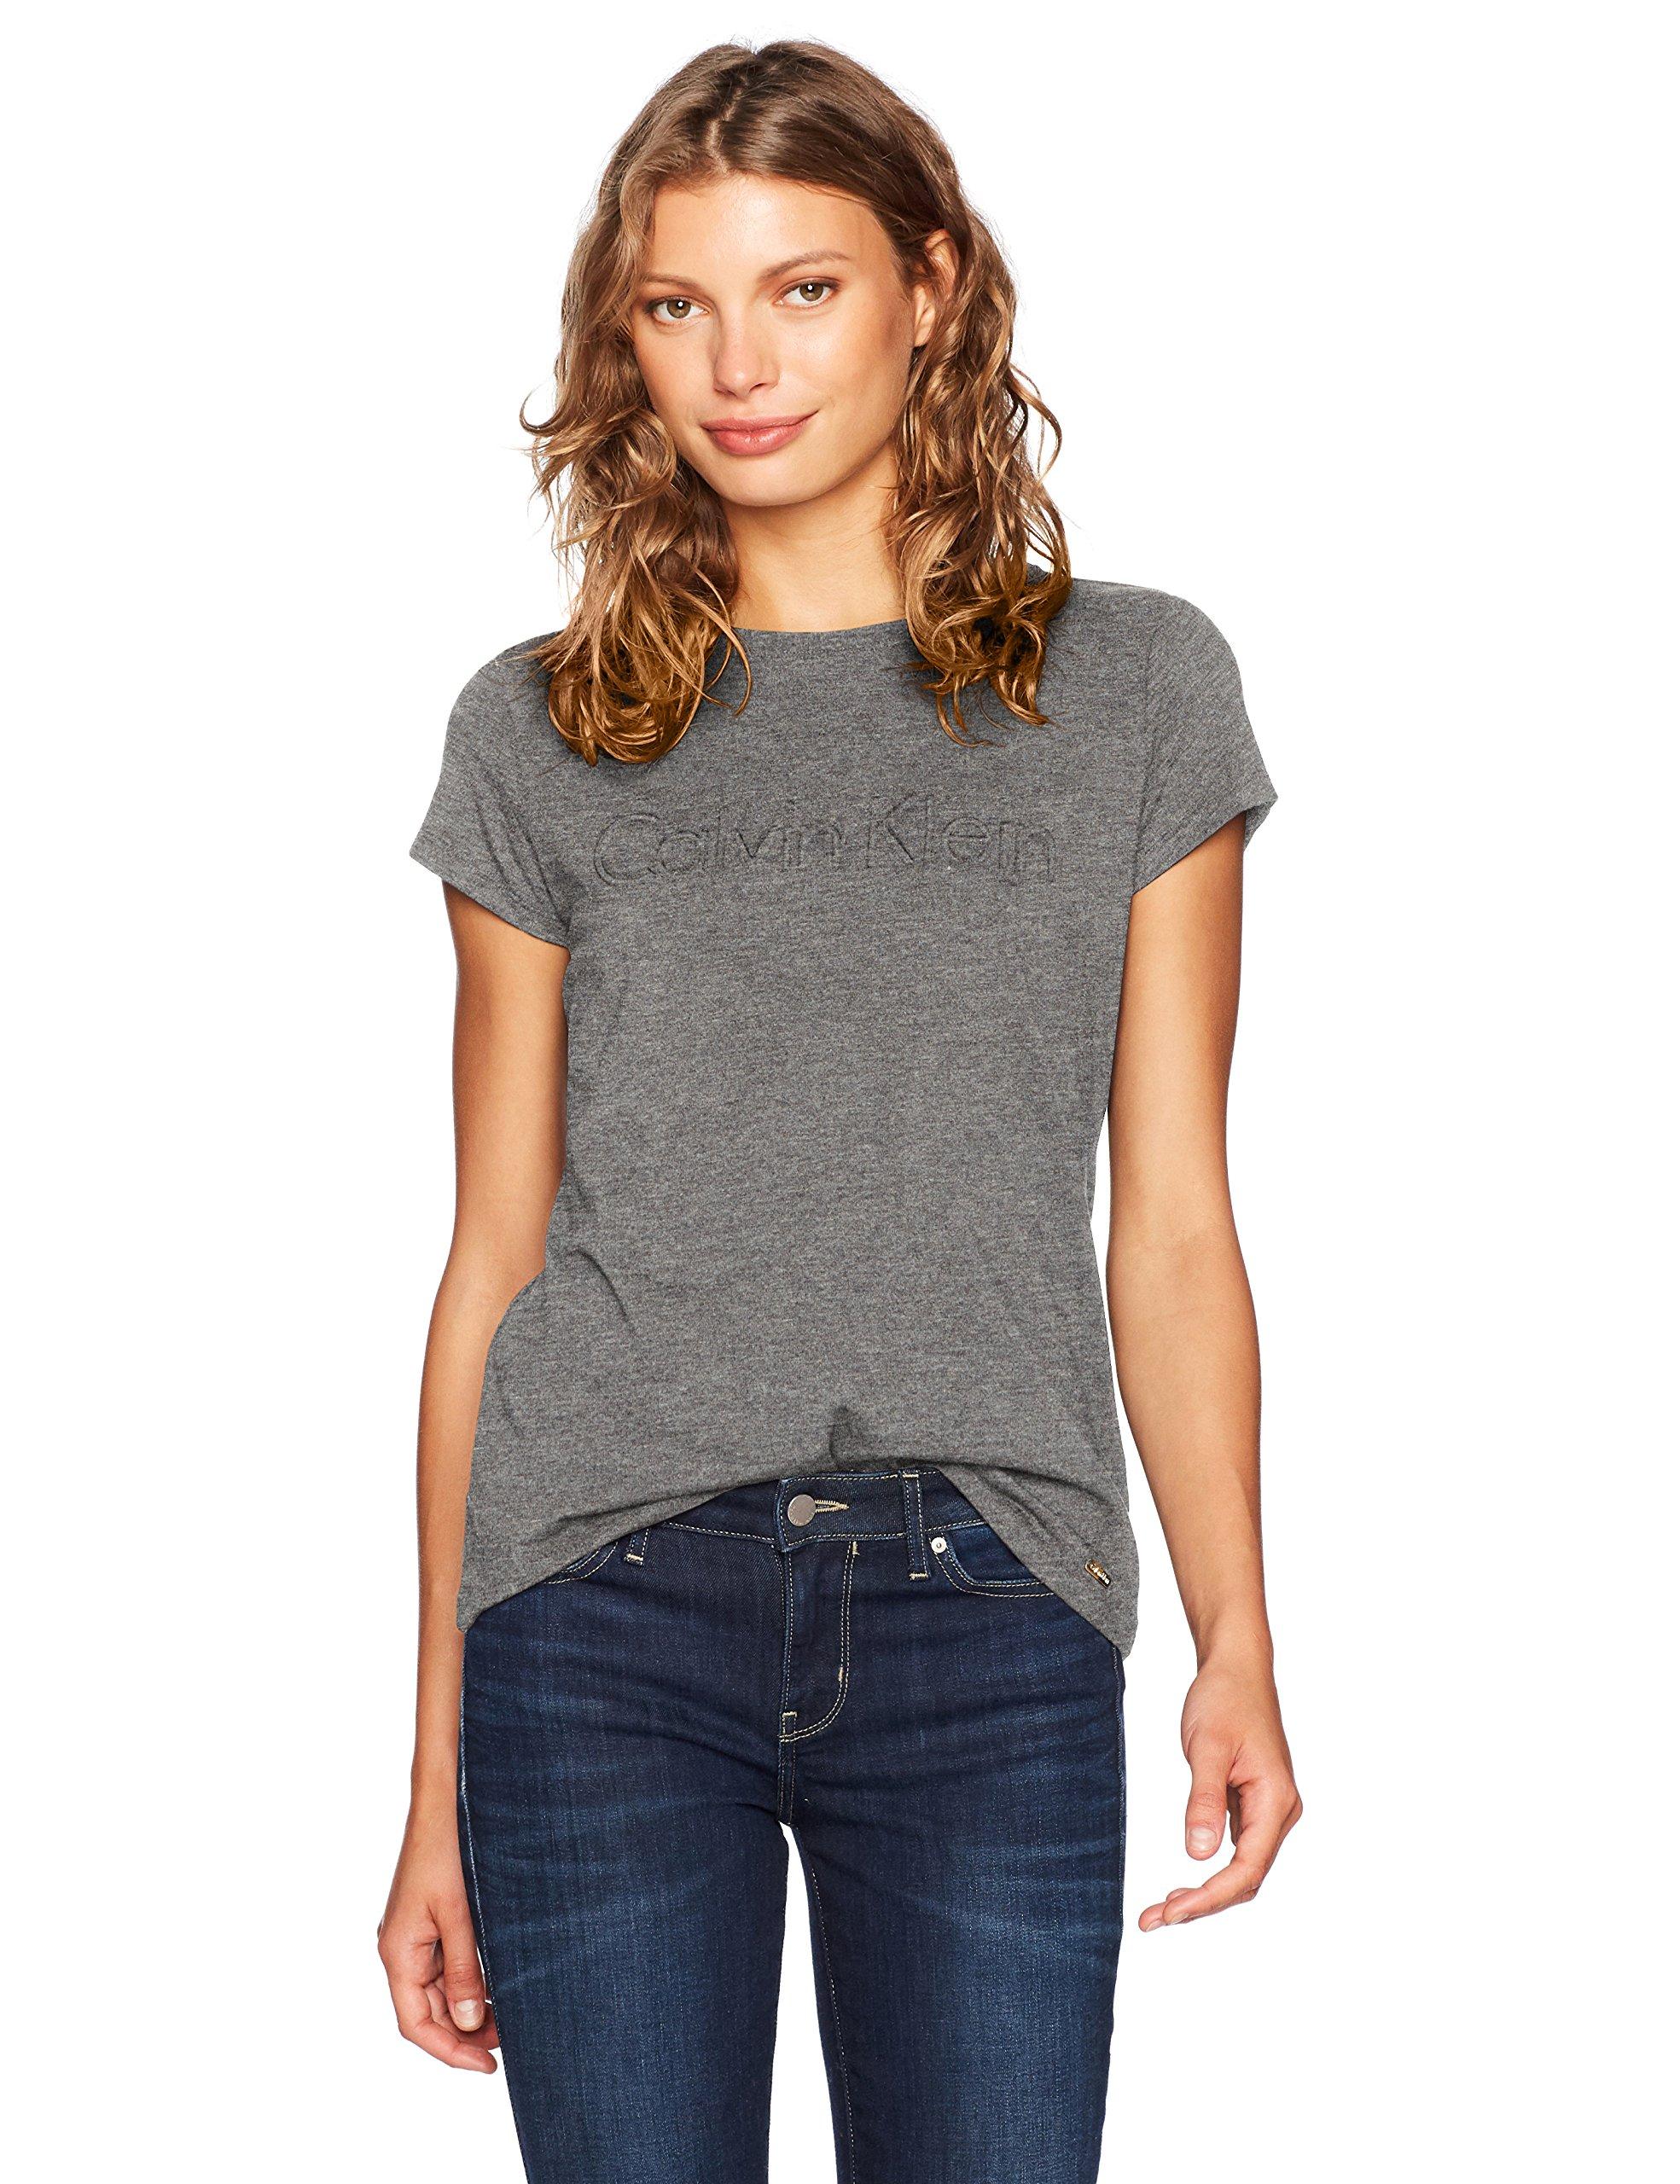 カルバンクラインの女性の半袖中央のマークが付いたTシャツ